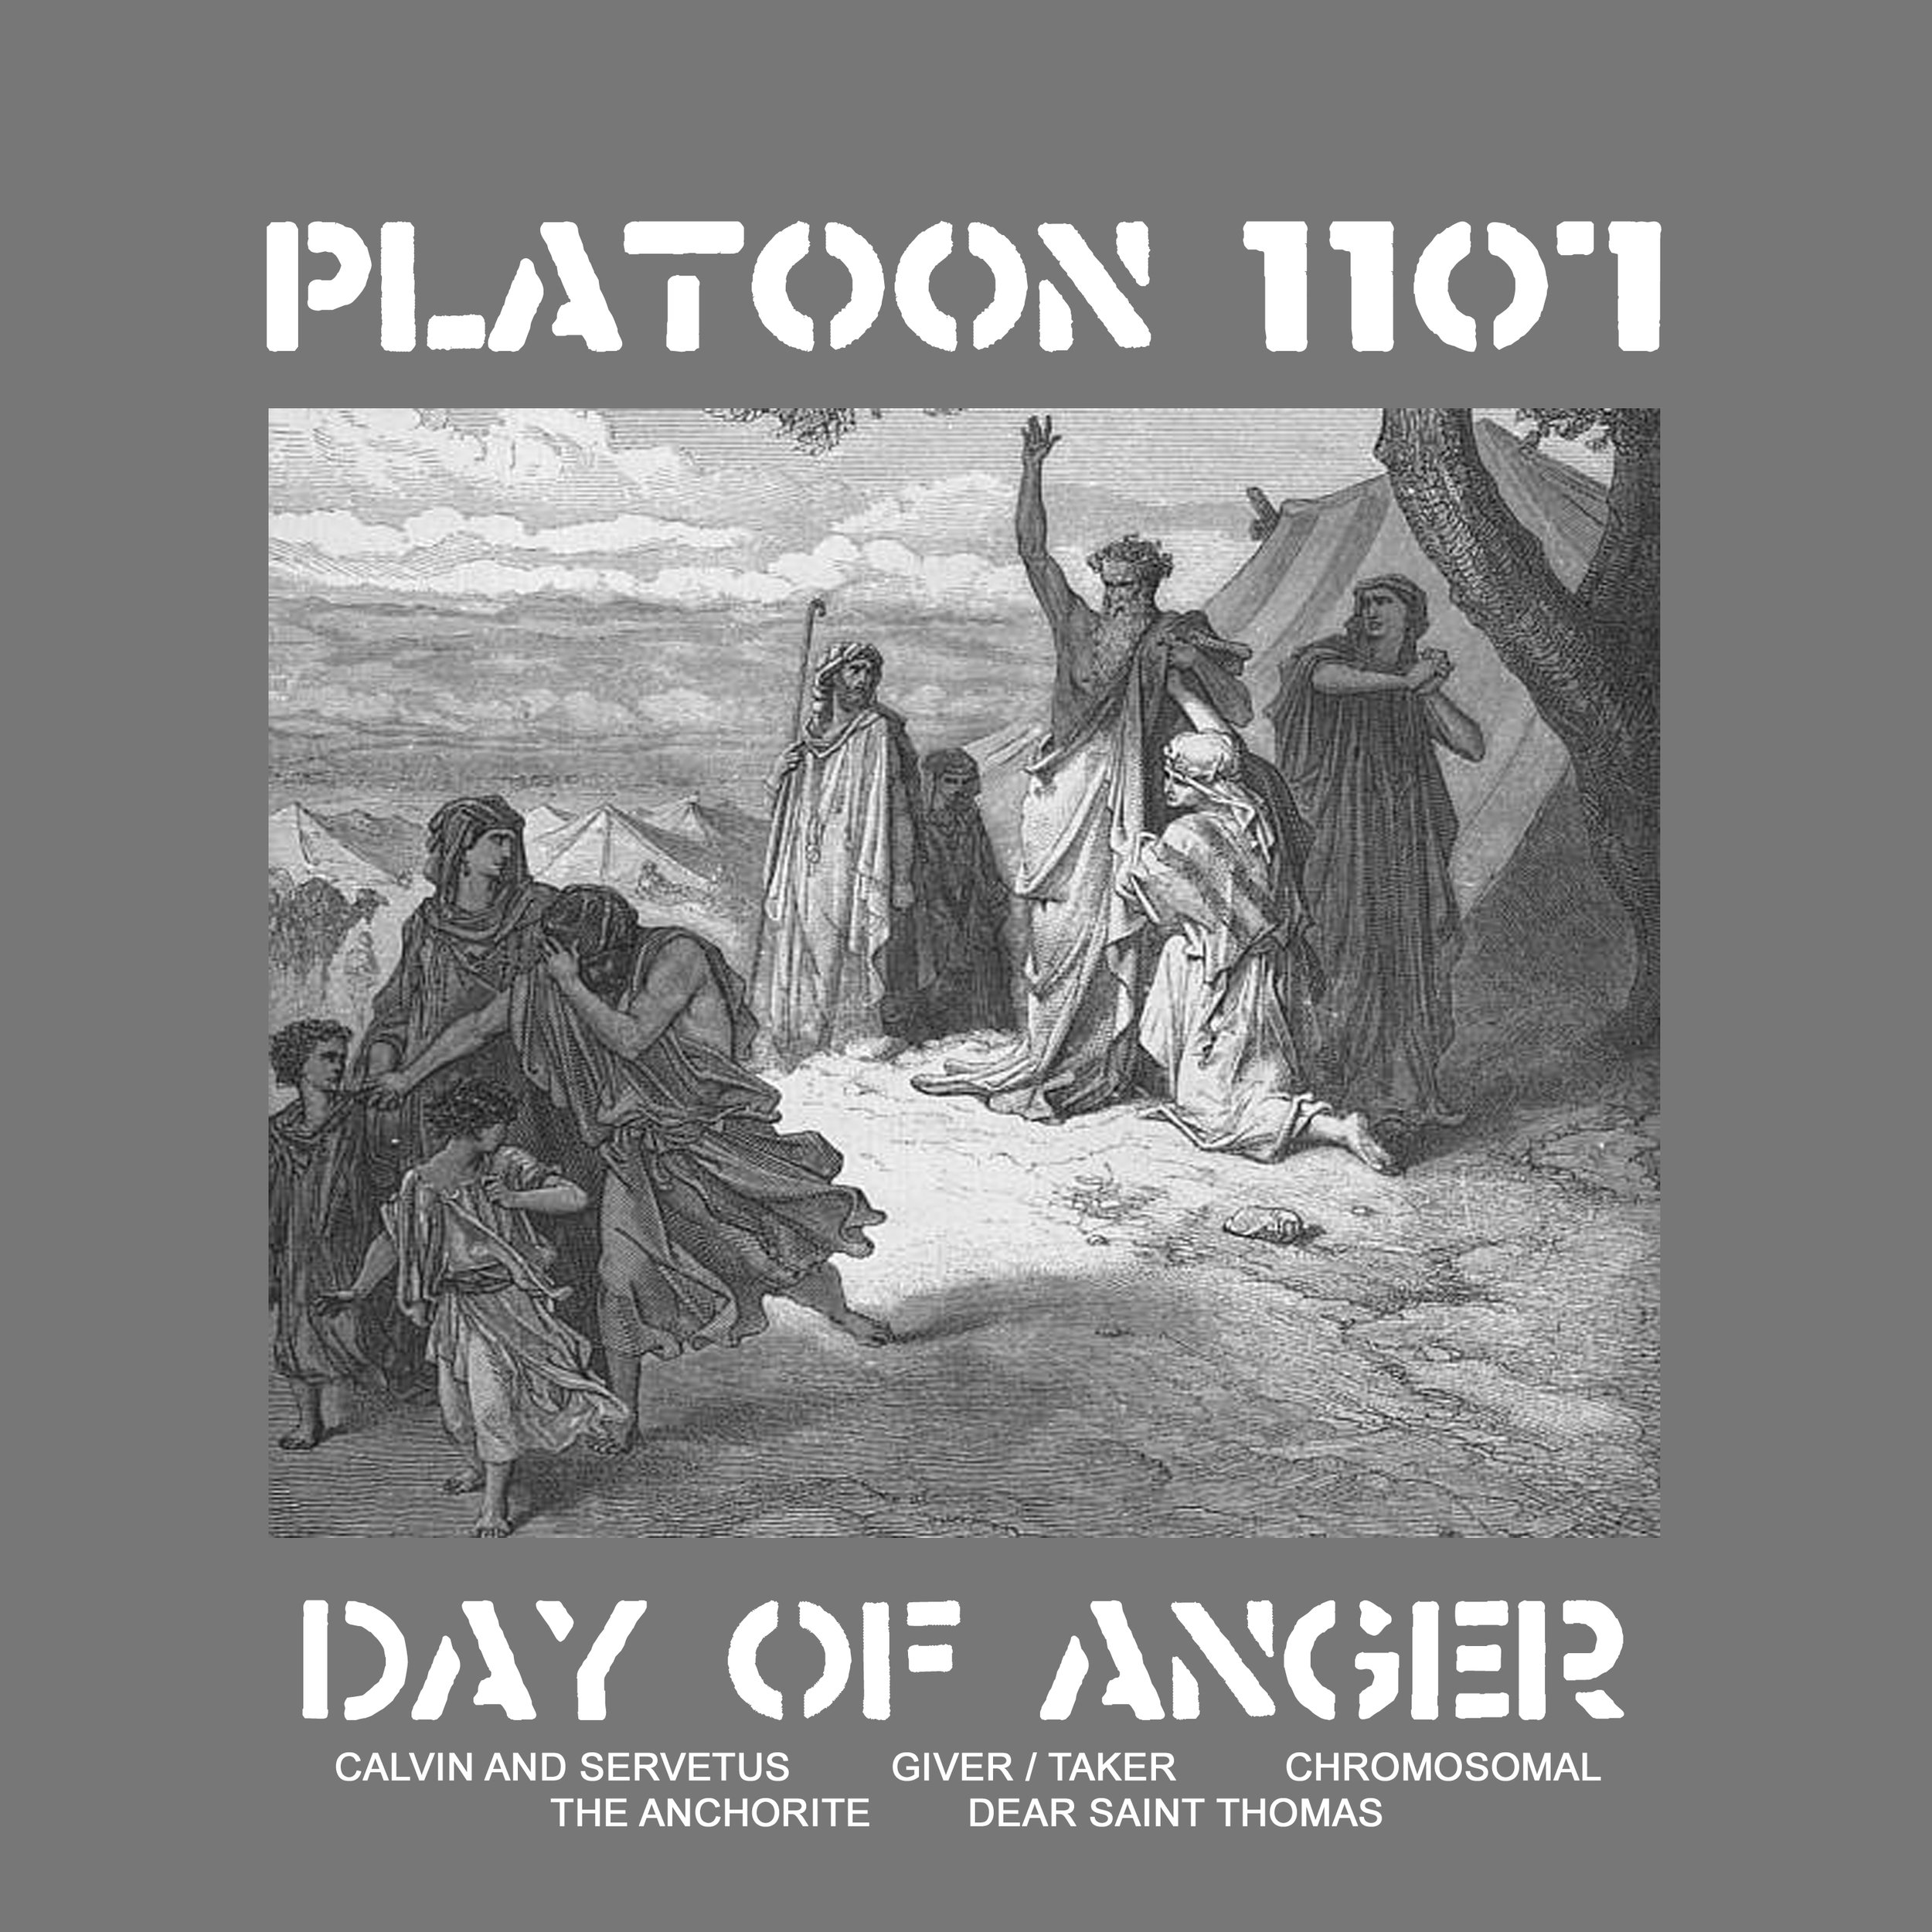 PLATOON 1107 - Day of Anger CoverArt.jpg